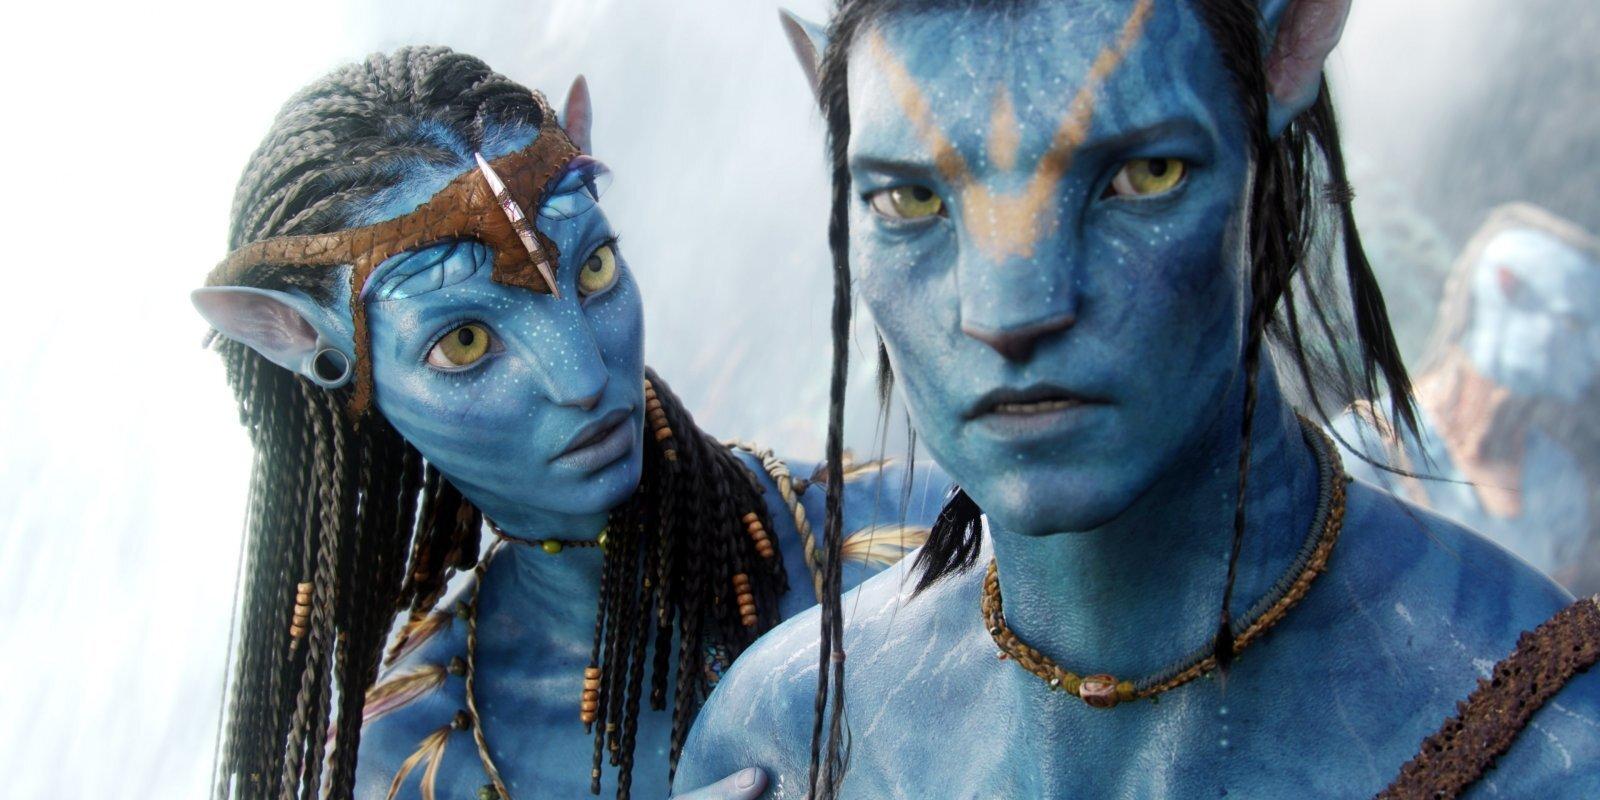 'Avatars' atkārtoti kļūst par visu laiku ienesīgāko filmu